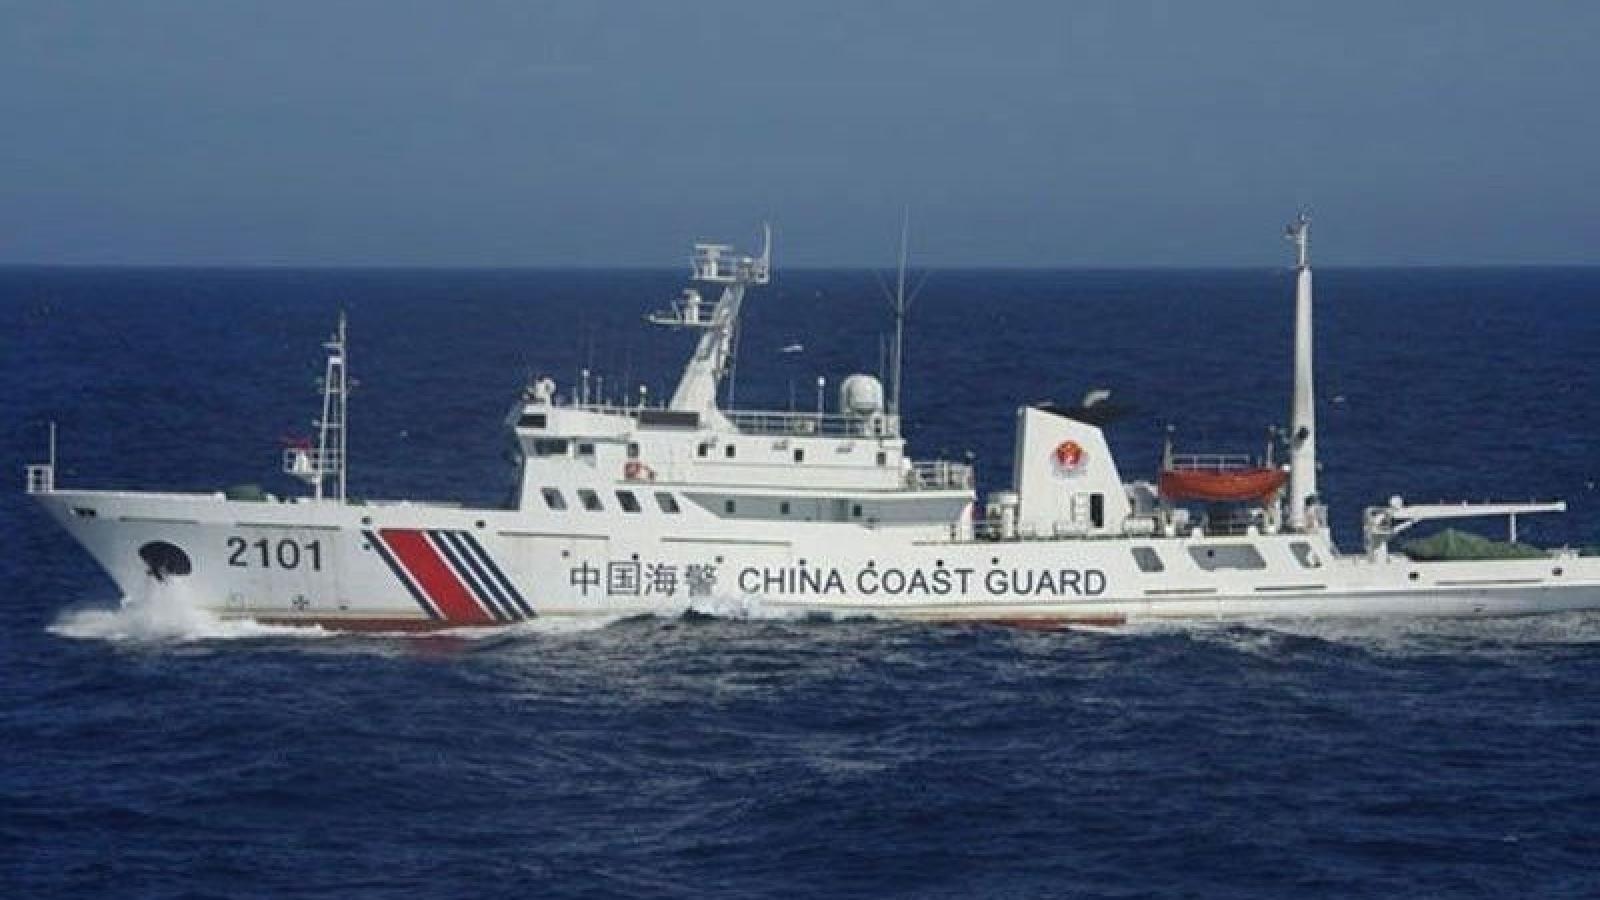 Chuyên gia quốc tế: Luật hàng hải của Trung Quốc mơ hồ, tính hợp pháp rất hạn chế